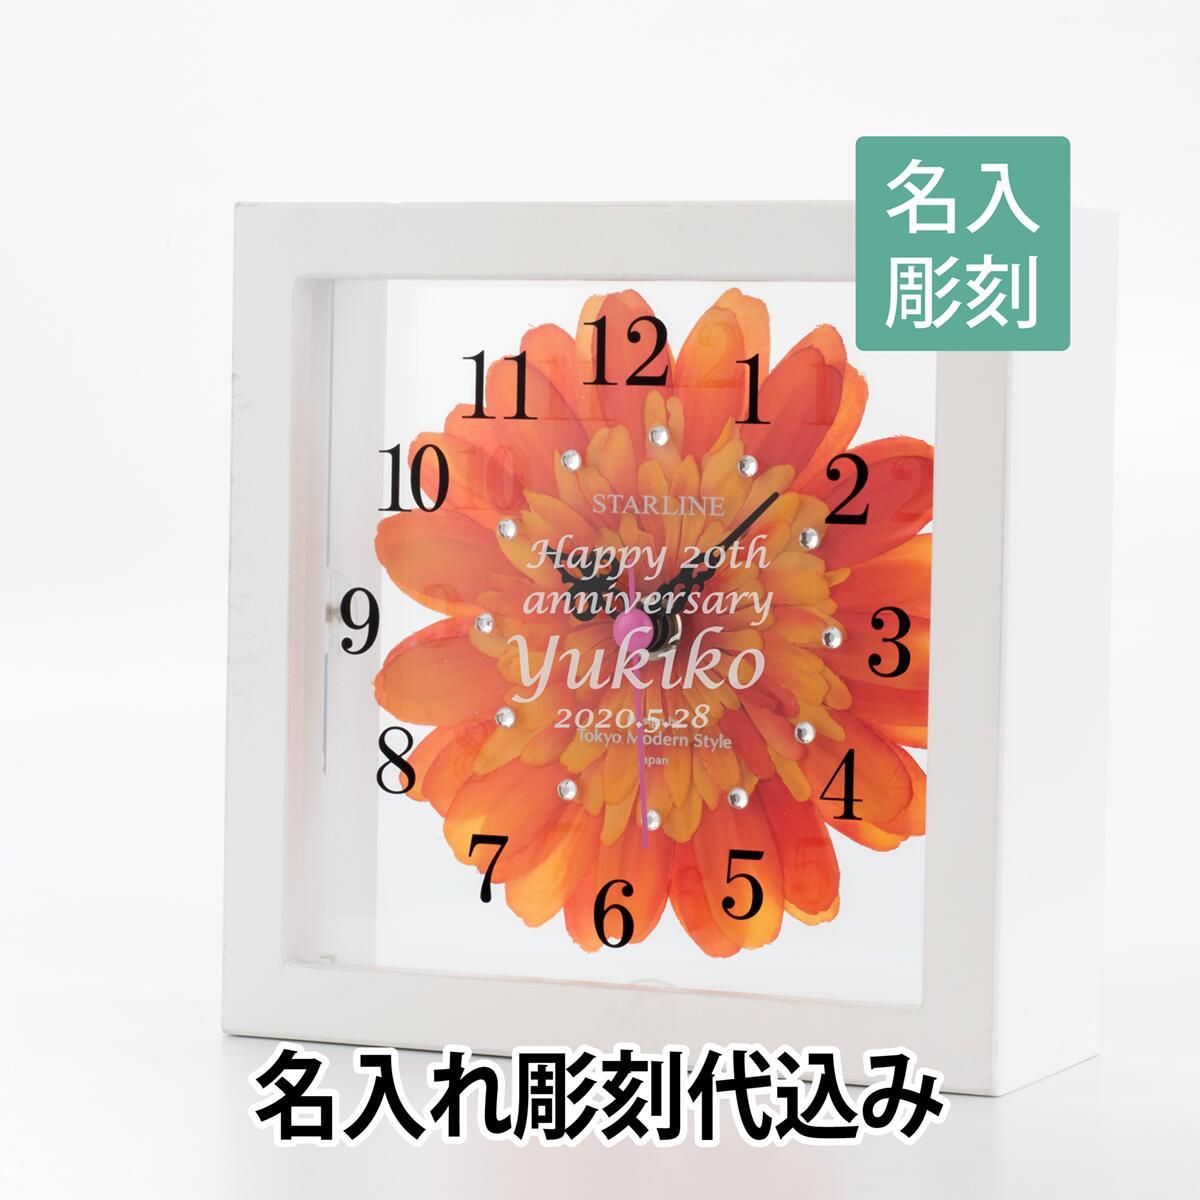 お名前やメッセージを彫刻できます かわいくておしゃれな置き掛け兼用時計 置き掛け兼用 アートフラワークロック オレンジ 名入れ彫刻代込み結婚祝 名入れ 誕生日 実物 結婚記念日 ギフト 秀逸 時計